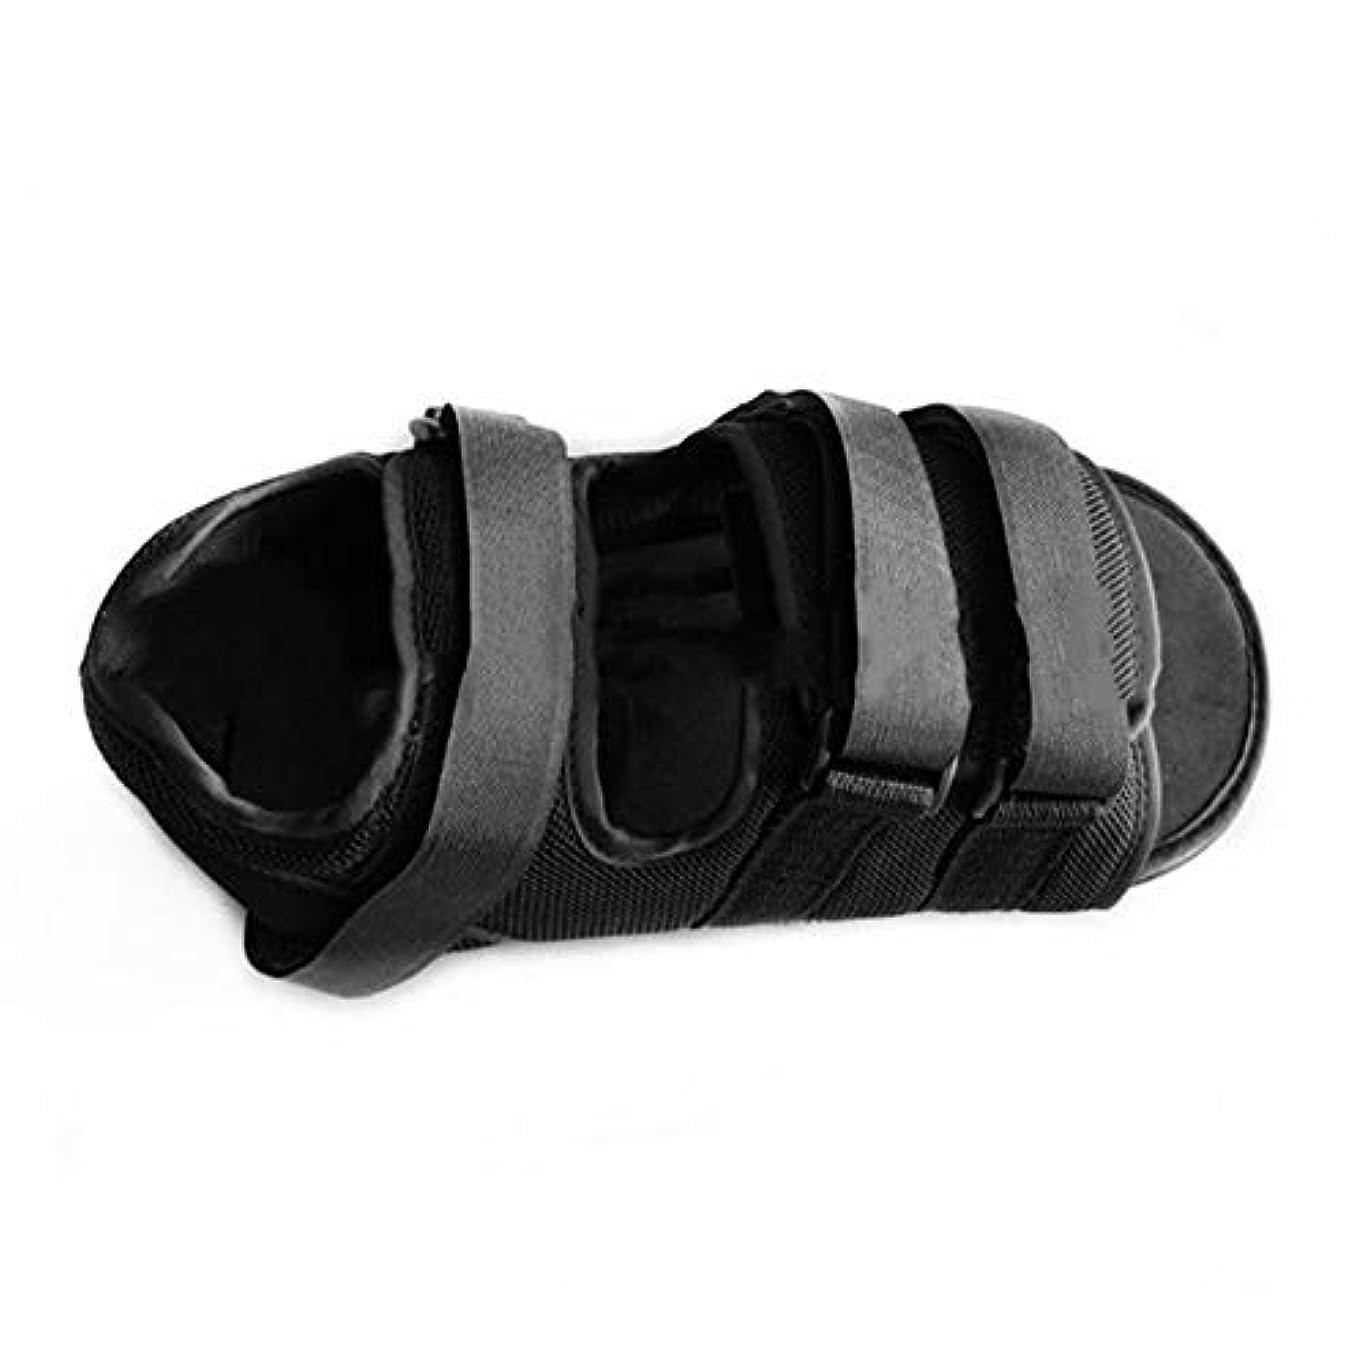 検出可能重力士気ユニバーサル前足減圧靴快適なリハビリテーションシューズポータブル回復減圧靴